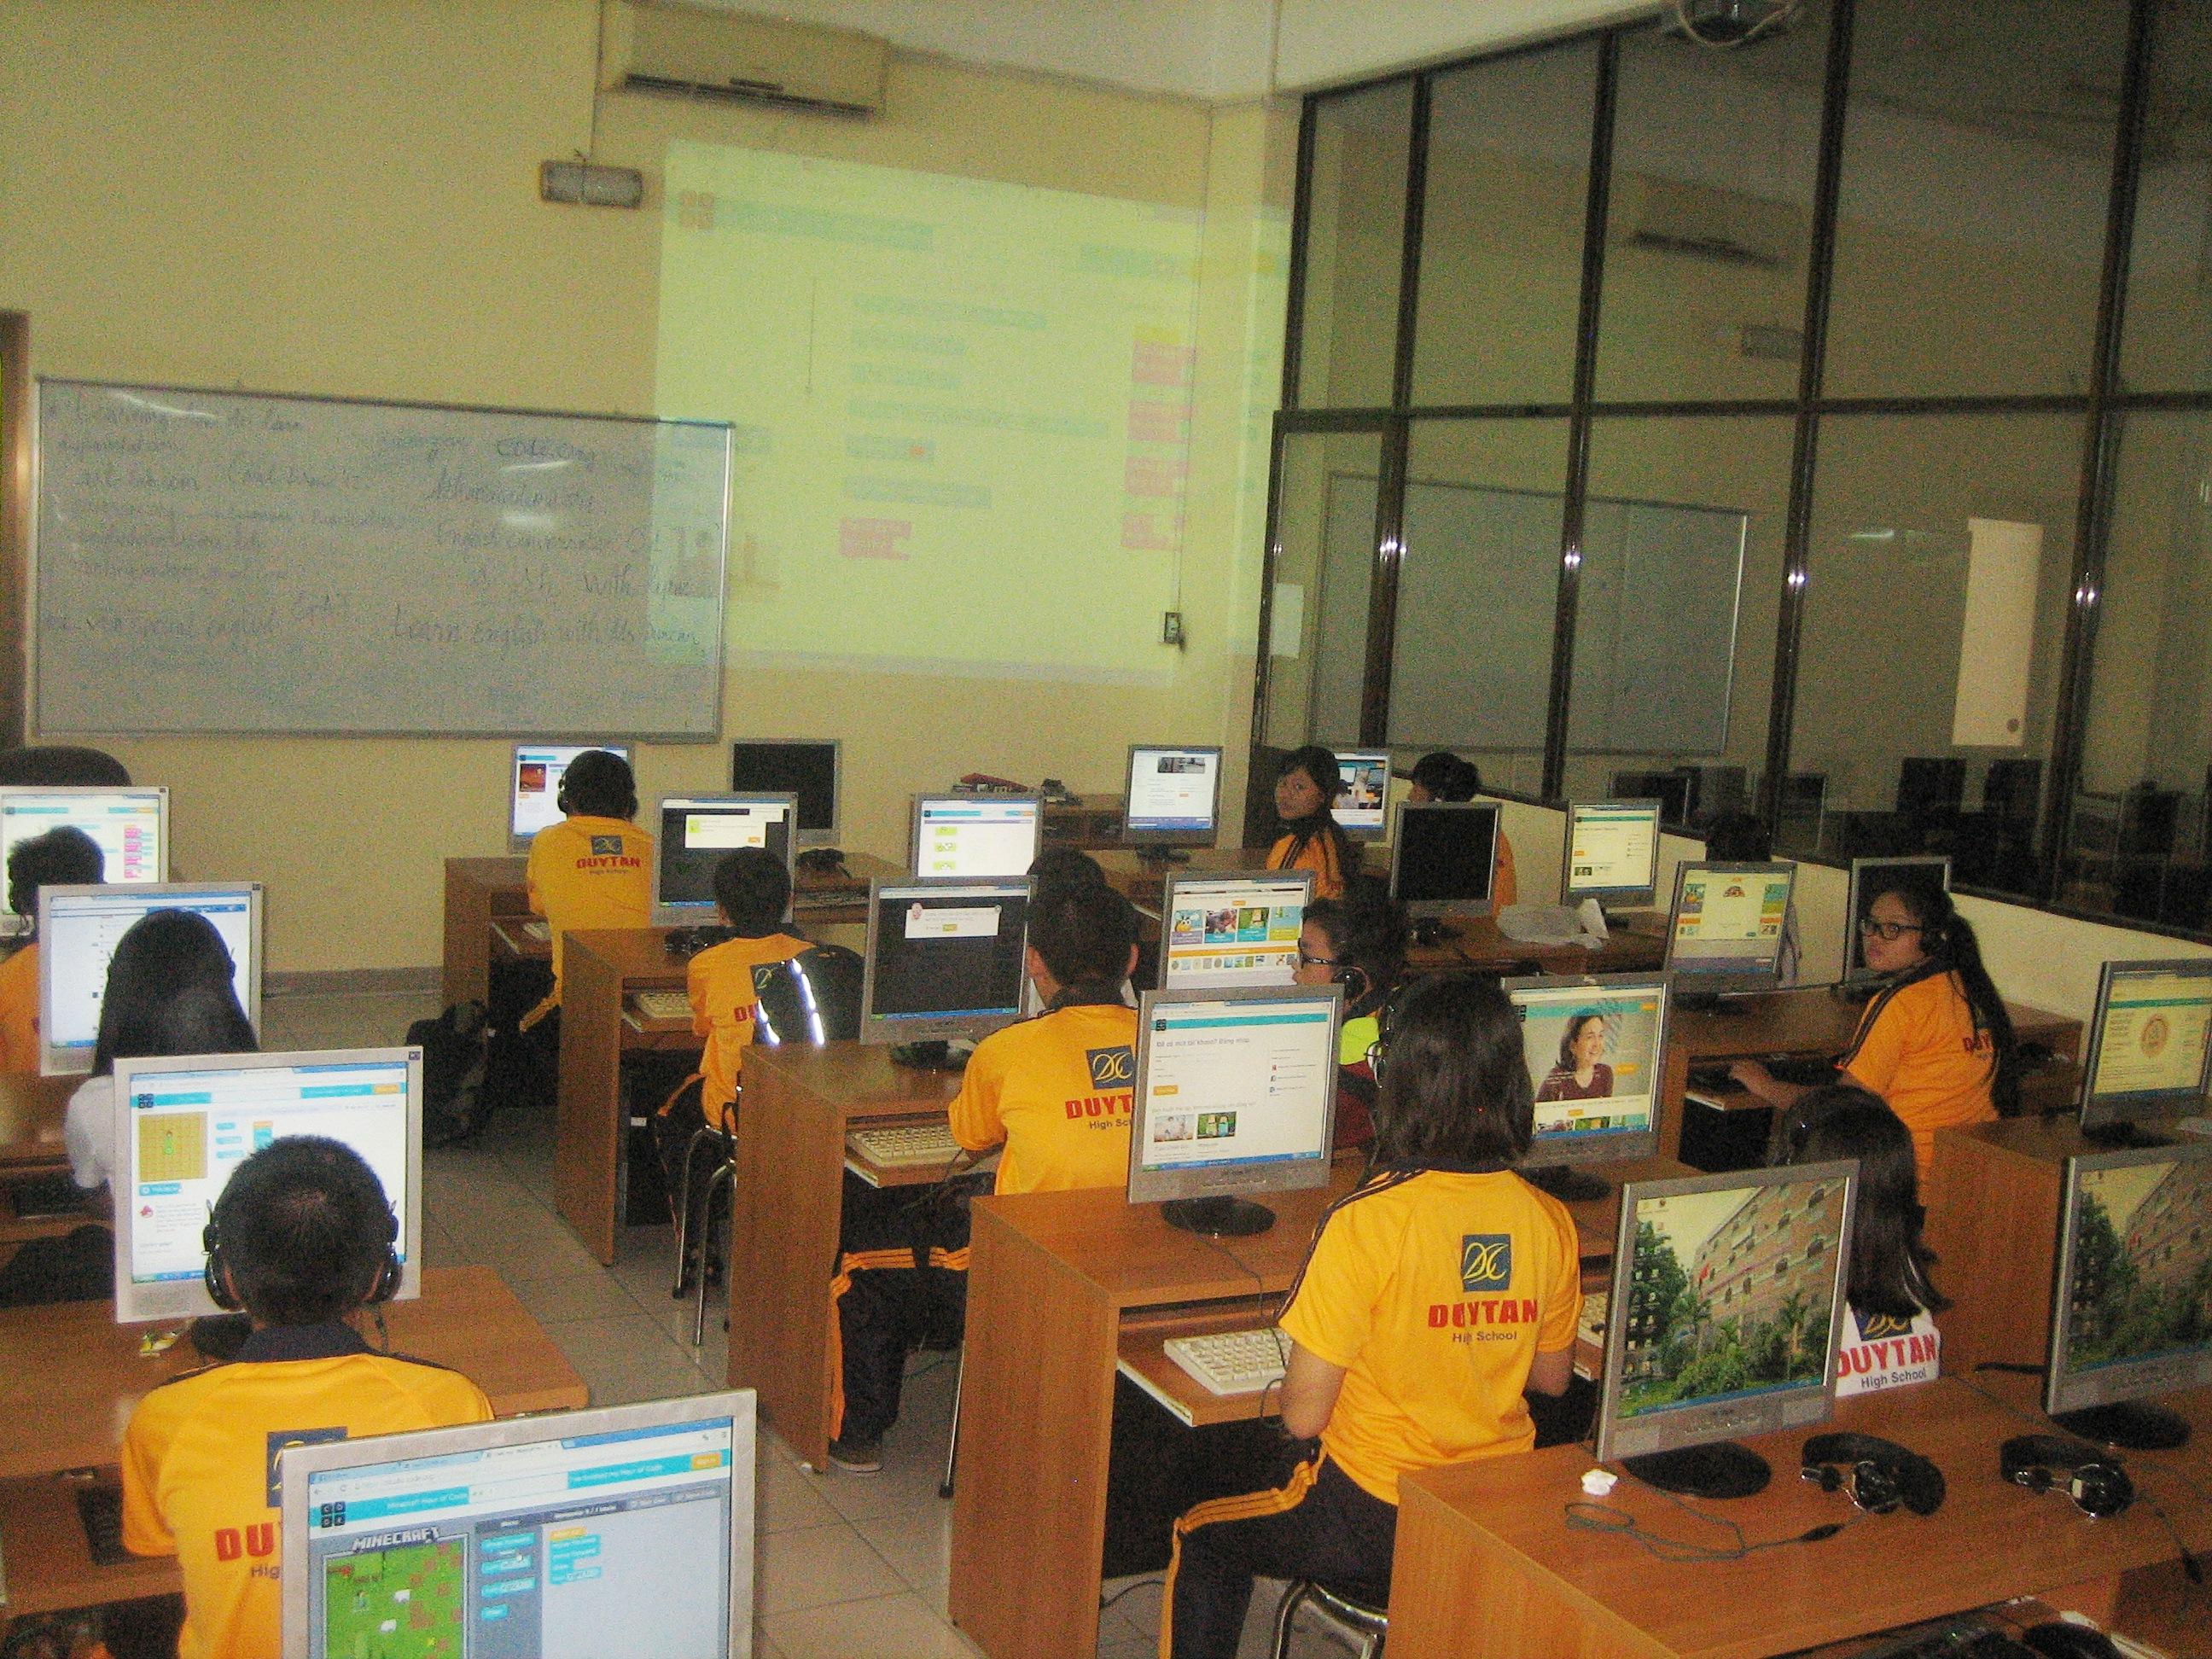 Trường Duy Tân xin giới thiệu với các bạn các khóa học thiết kế đồ họa trực tuyến hàng đầu thế giới